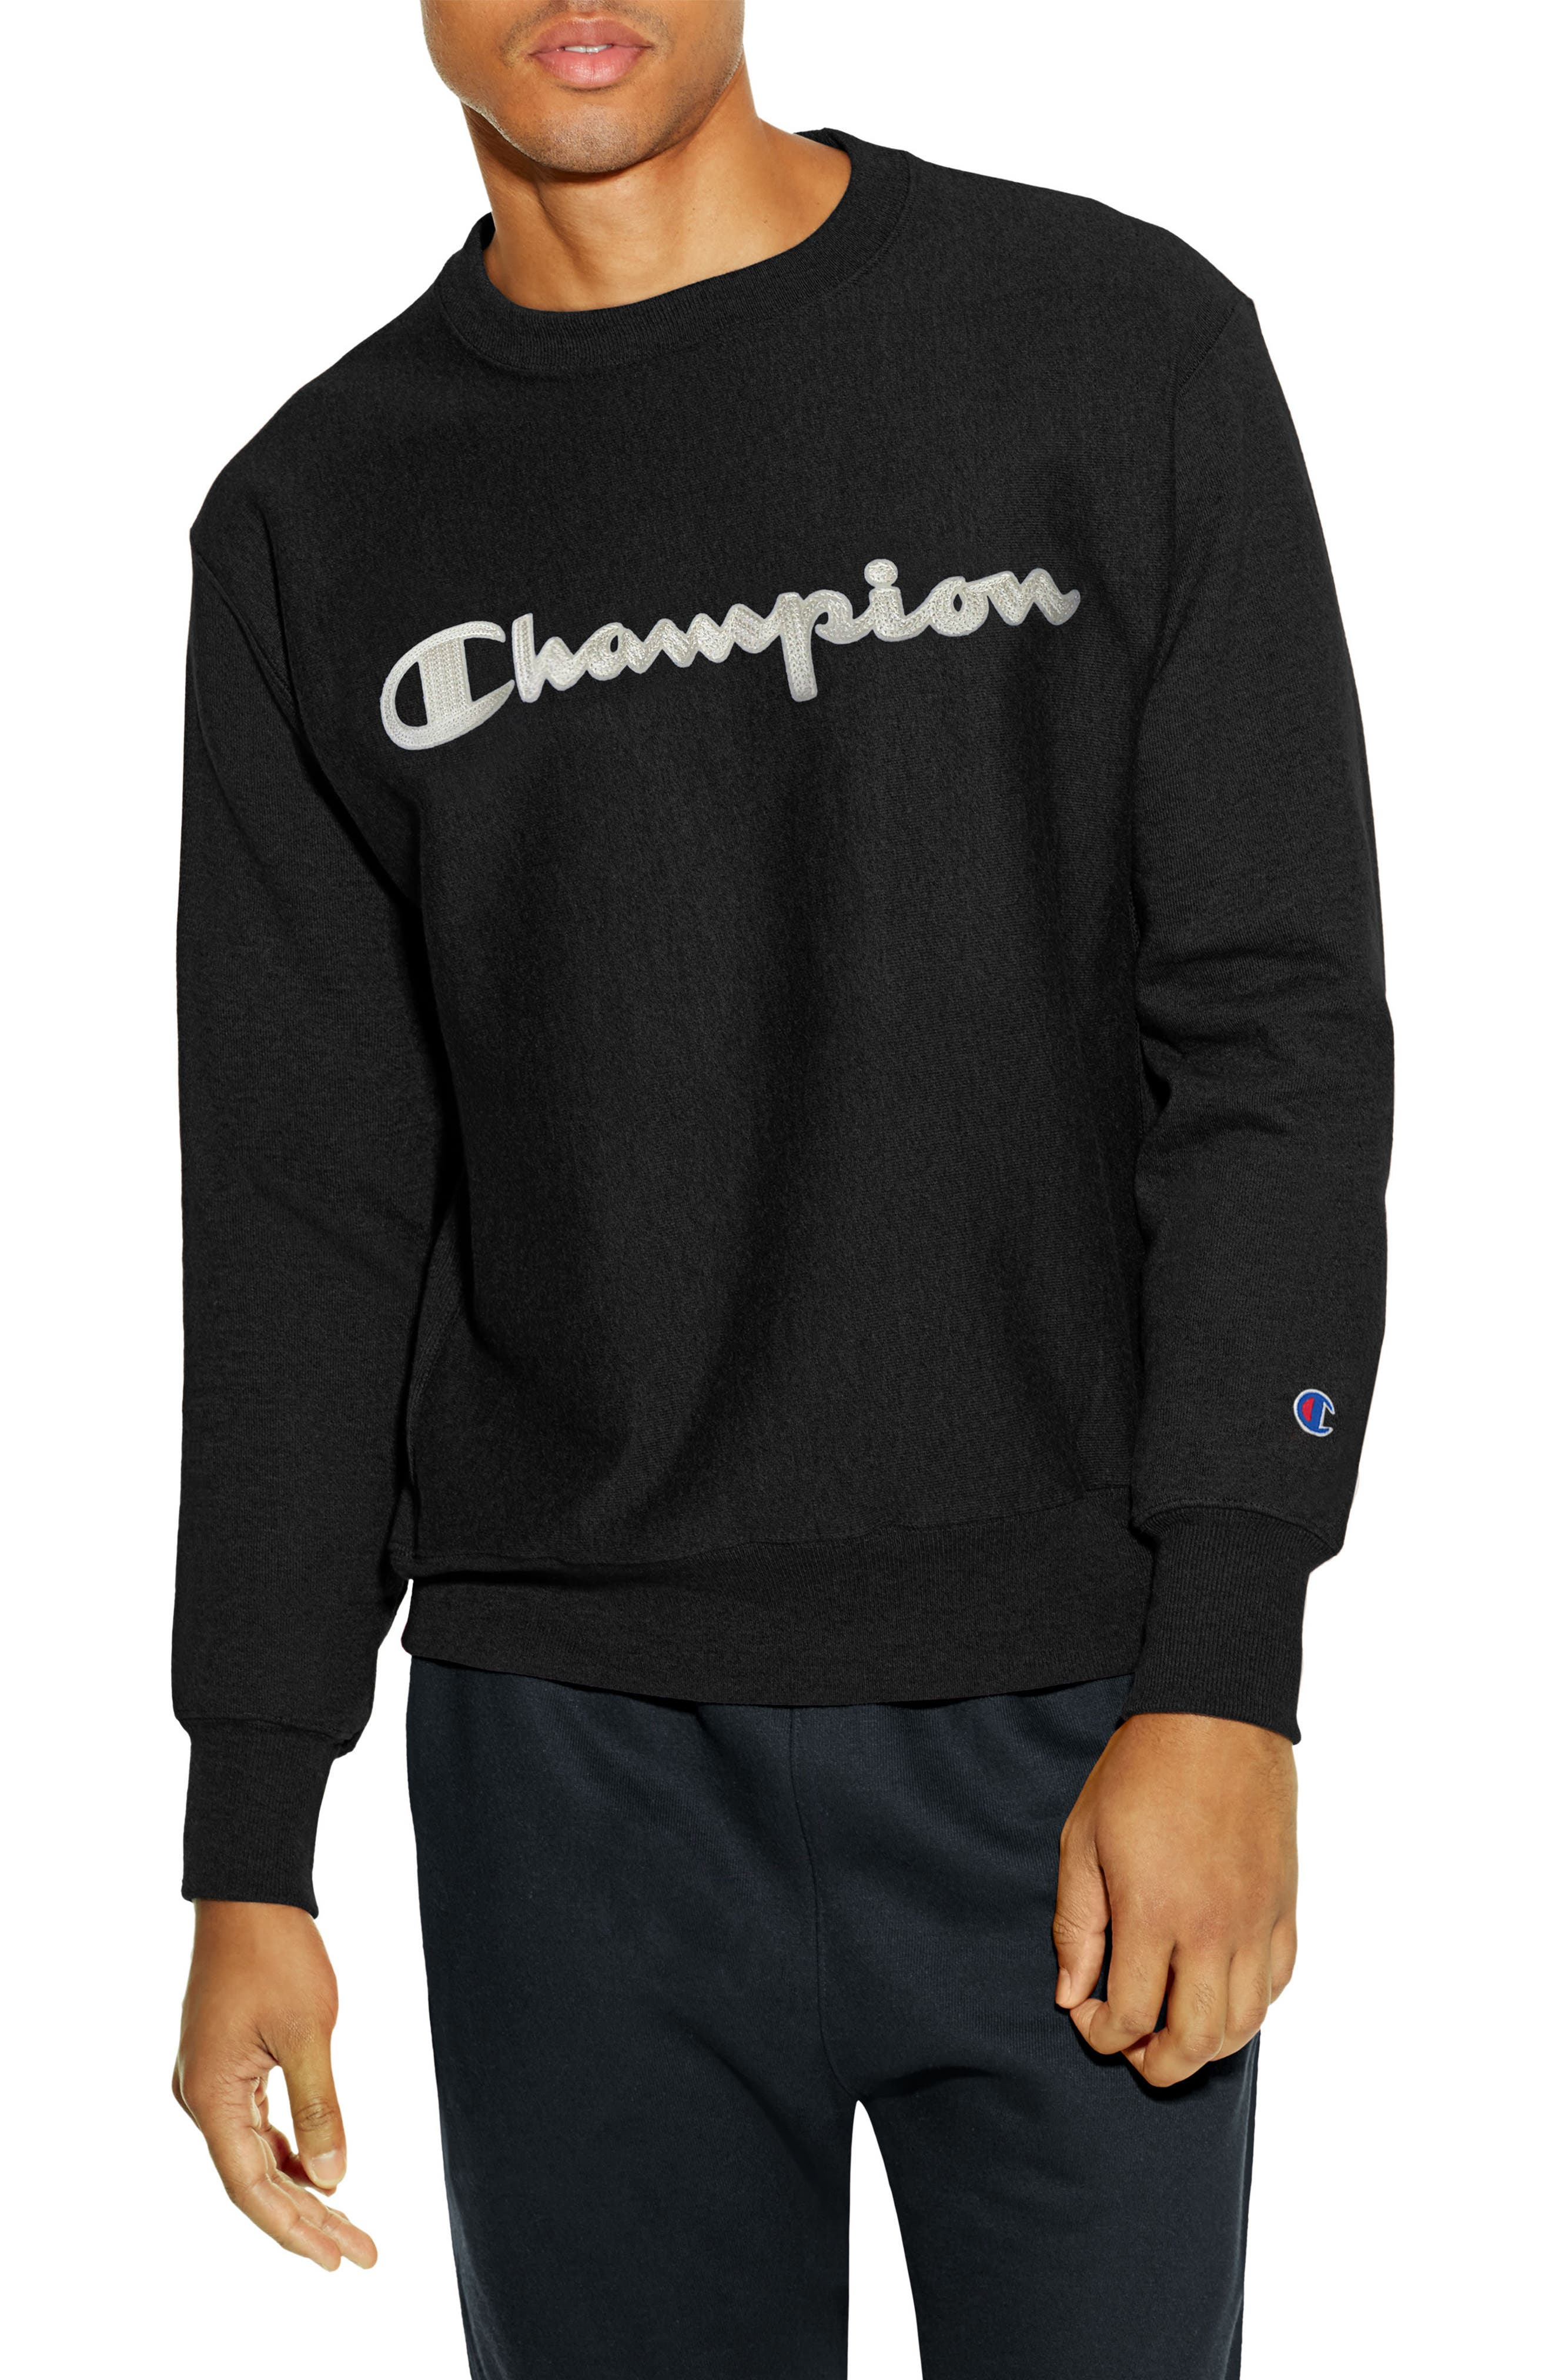 Reverse Weave Crewneck Cotton Blend Sweatshirt,                             Main thumbnail 1, color,                             001